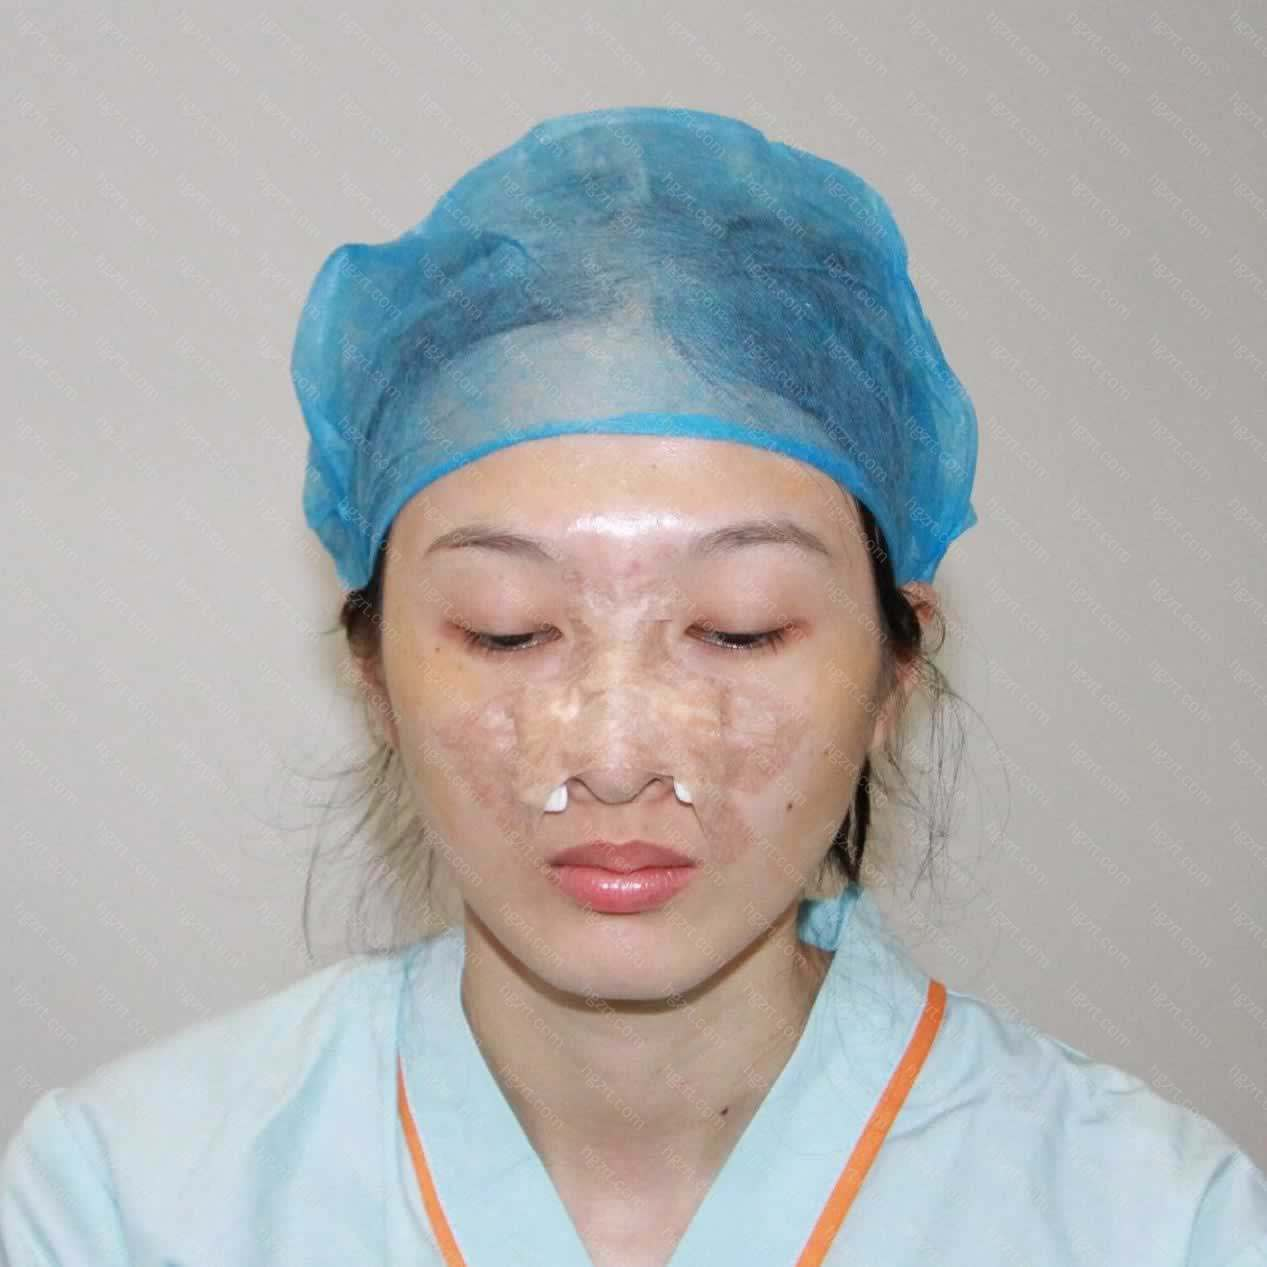 但是这一次做了鼻子手术后